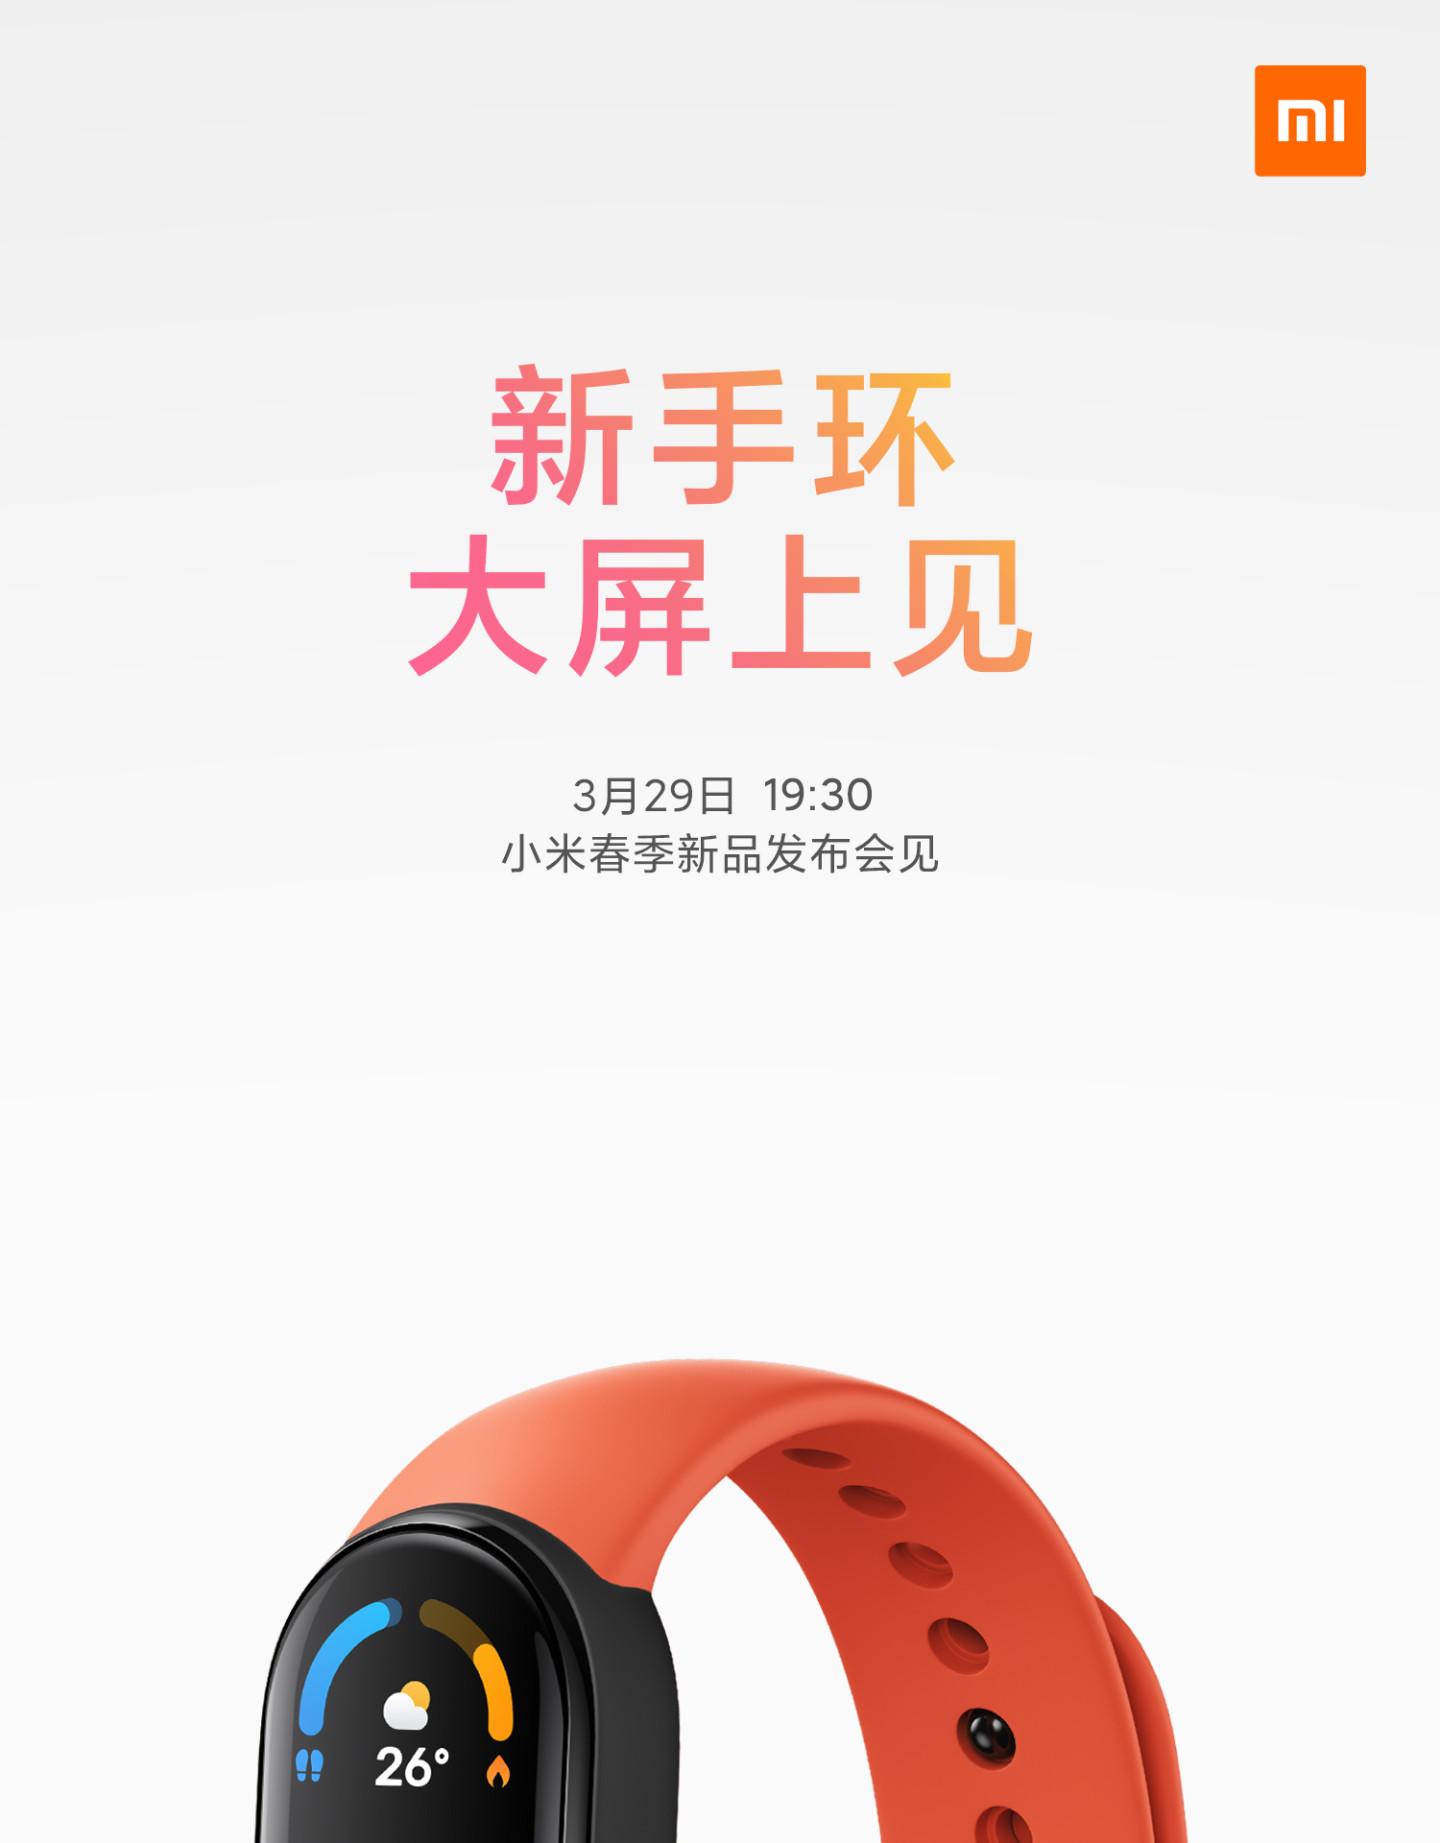 В Сеть утекло фото Mi Band 6 с предстоящей церемонии презентации устройства